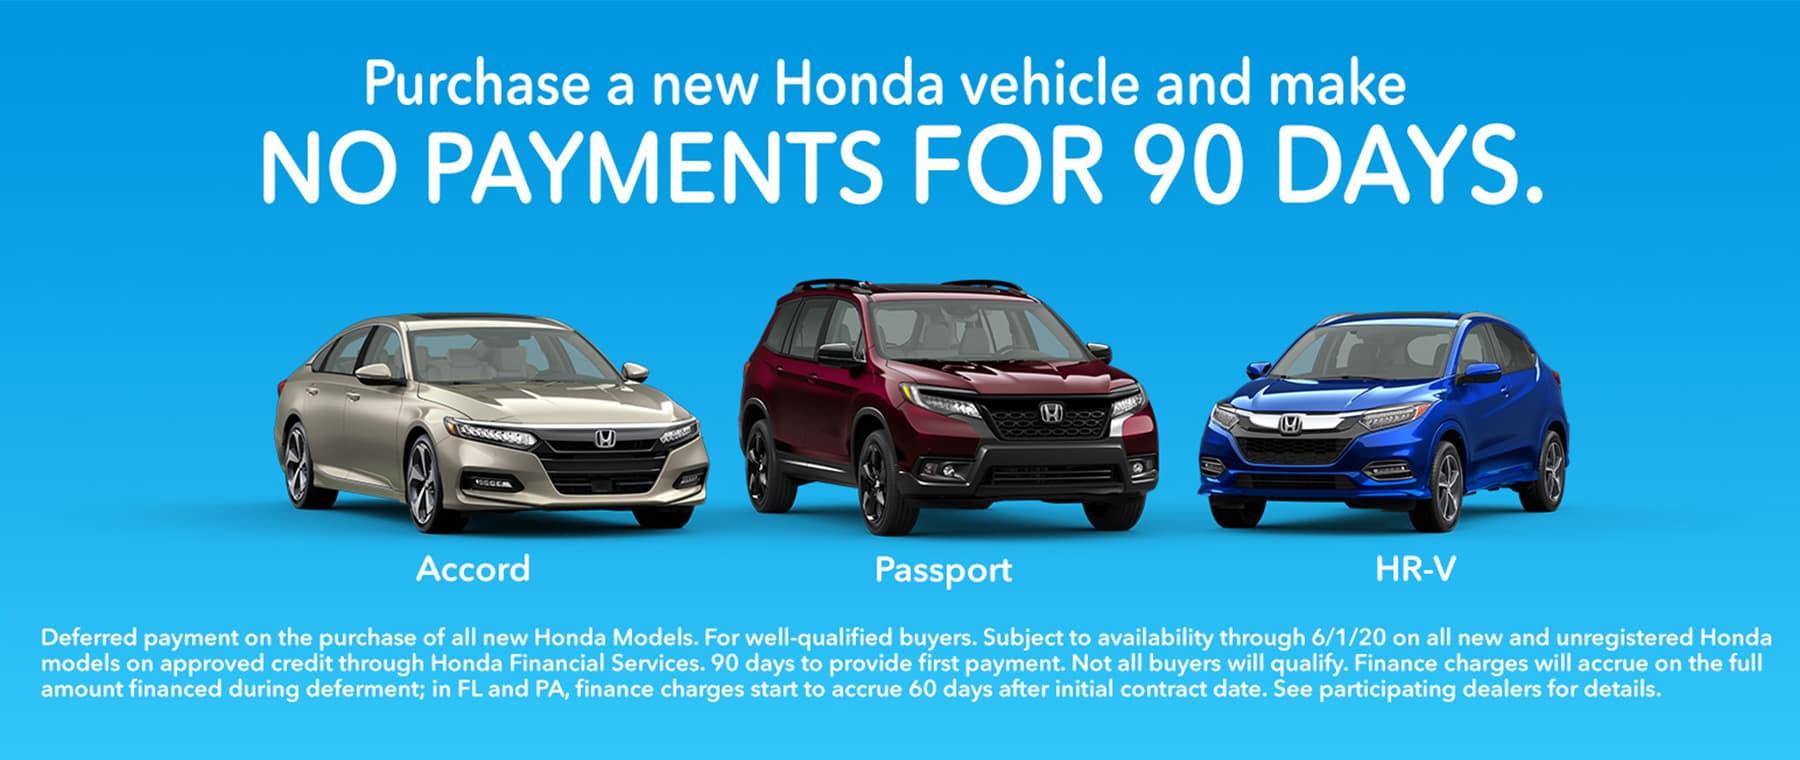 Honda No Payments for 90 Days at Smail Honda in Greensburg PA